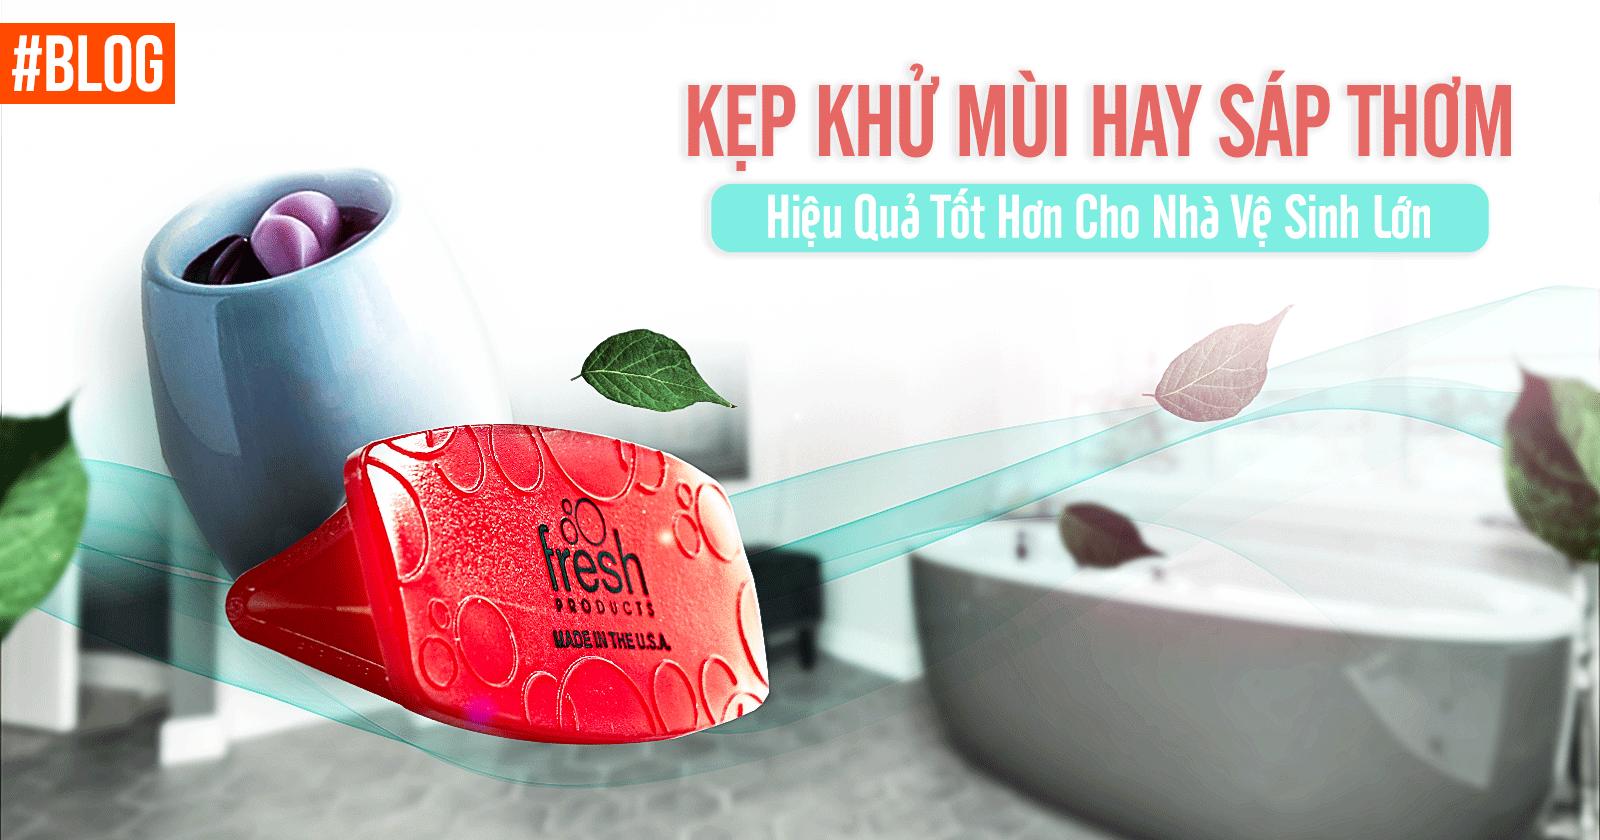 Kẹp khử mùi hay sáp thơm hiệu quả tốt hơn cho nhà vệ sinh lớn